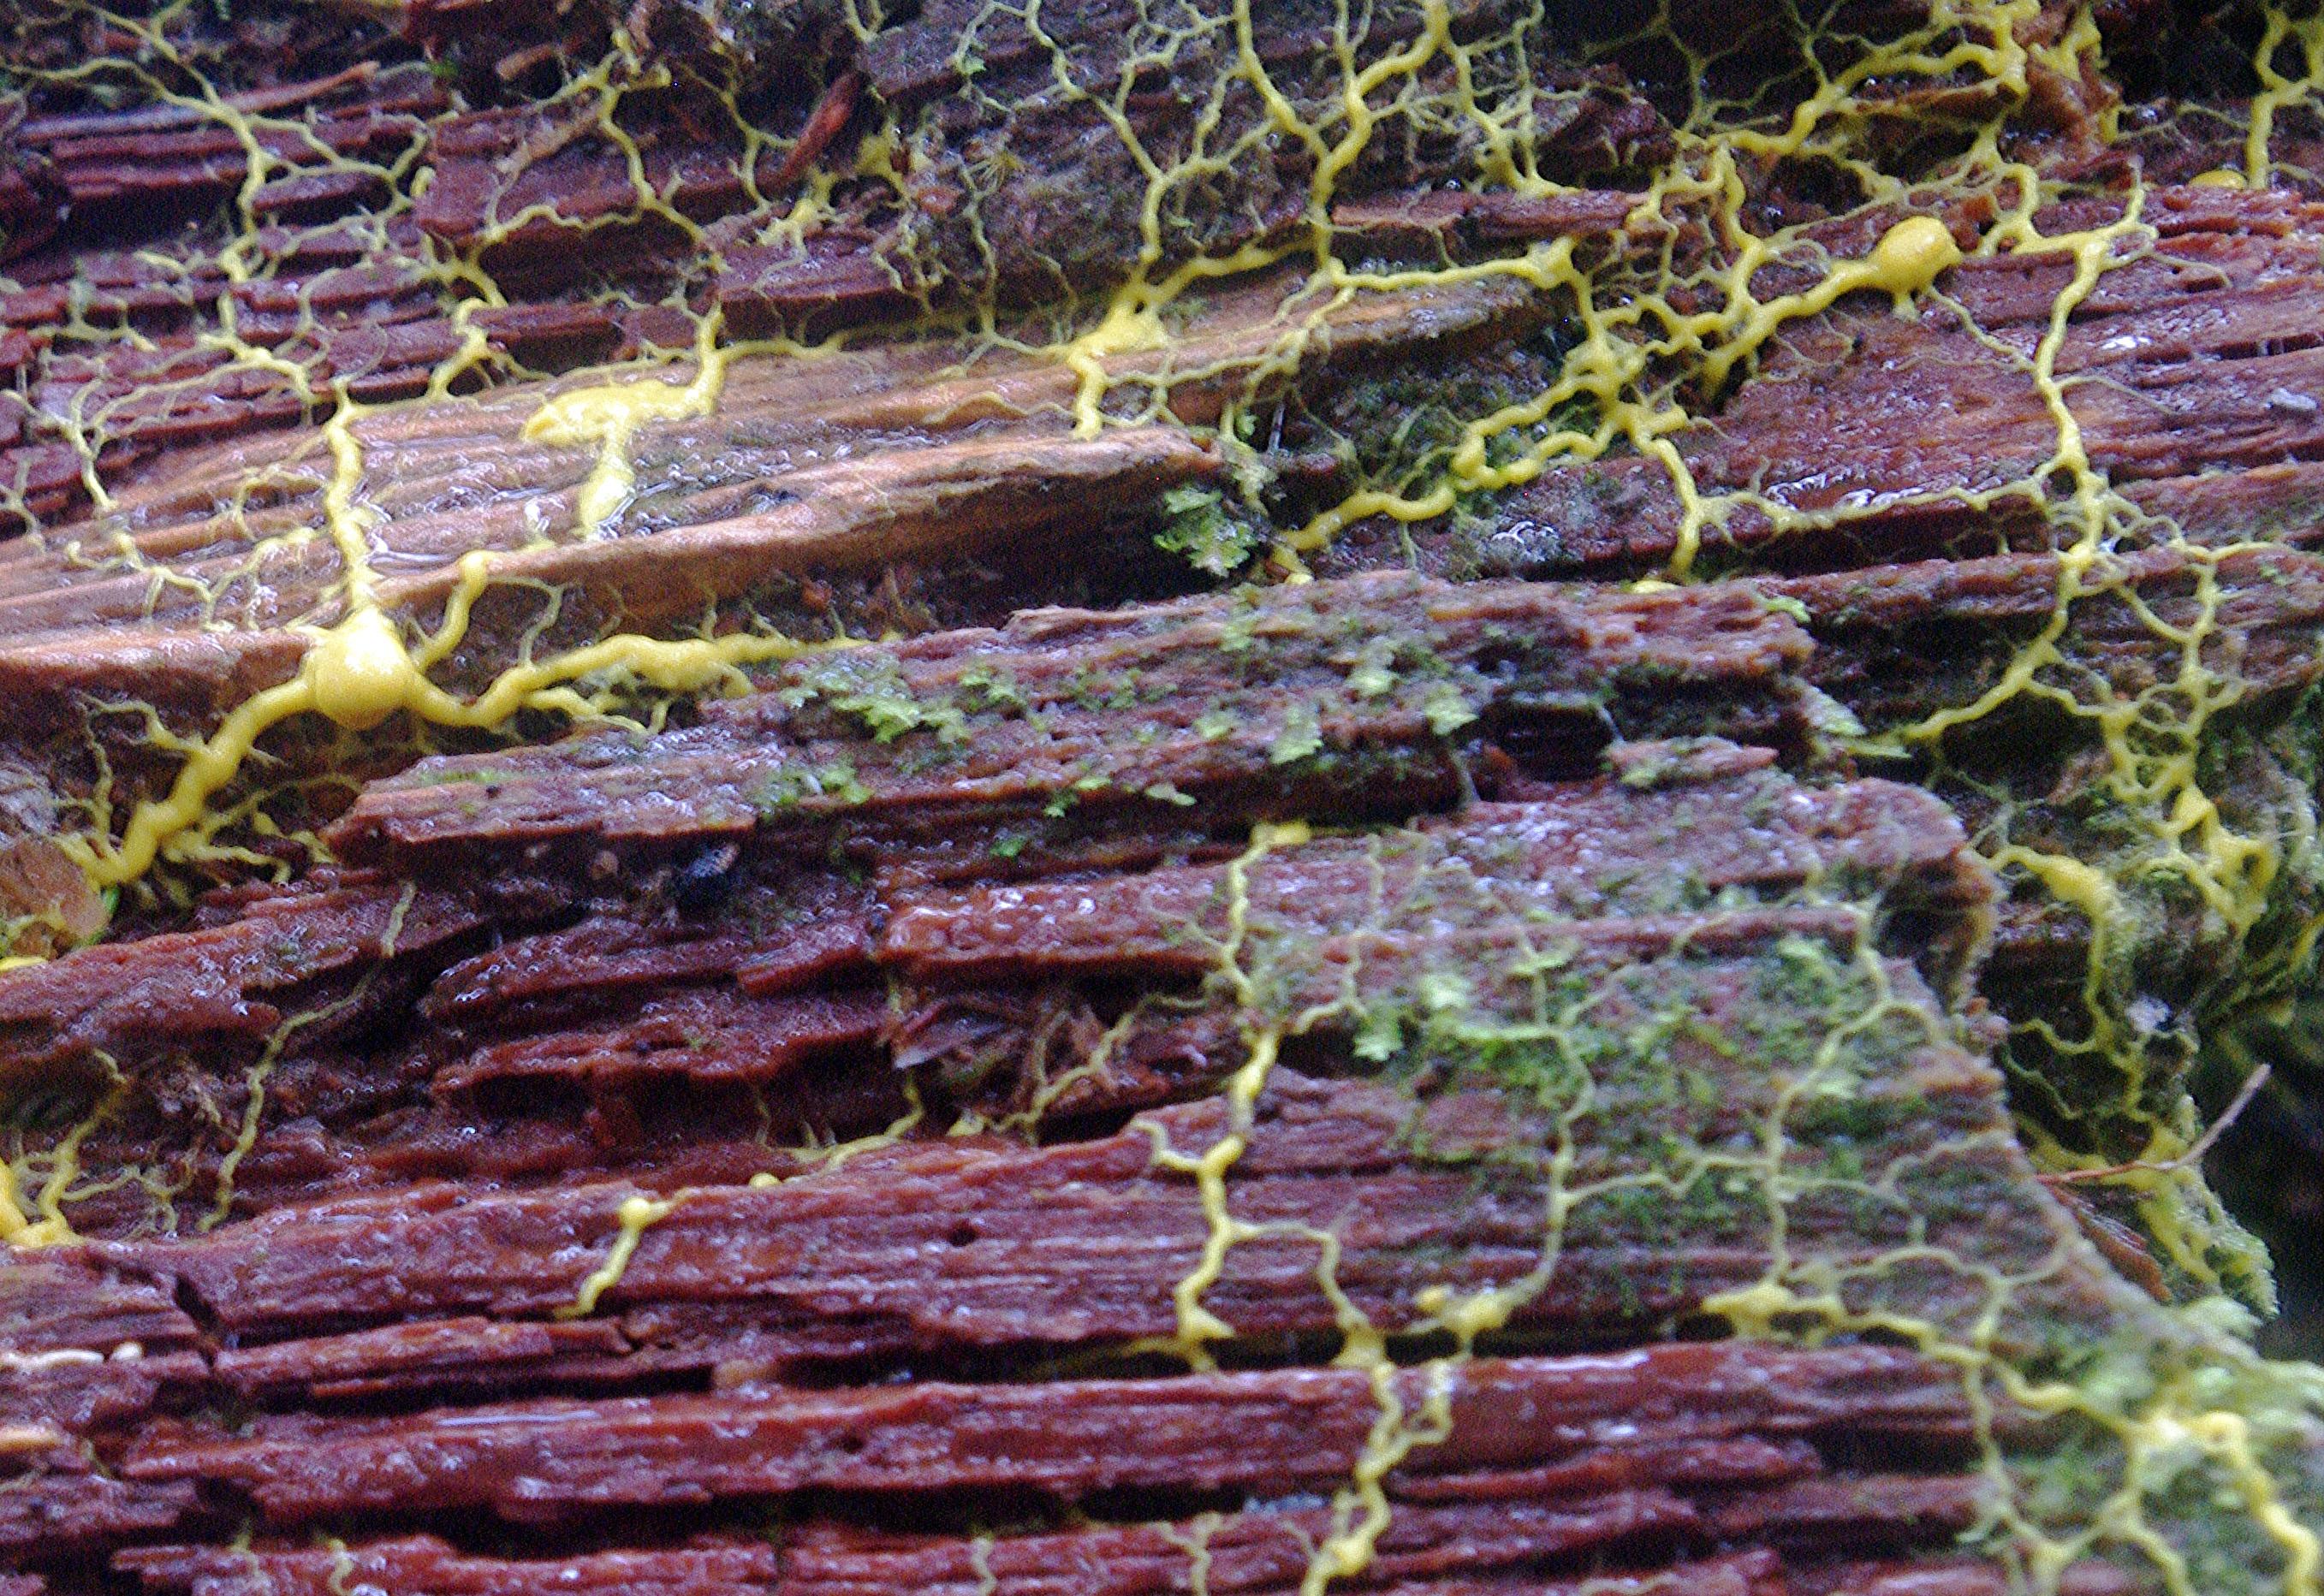 5 slime mold seeking more food_Kim Brown.jpg